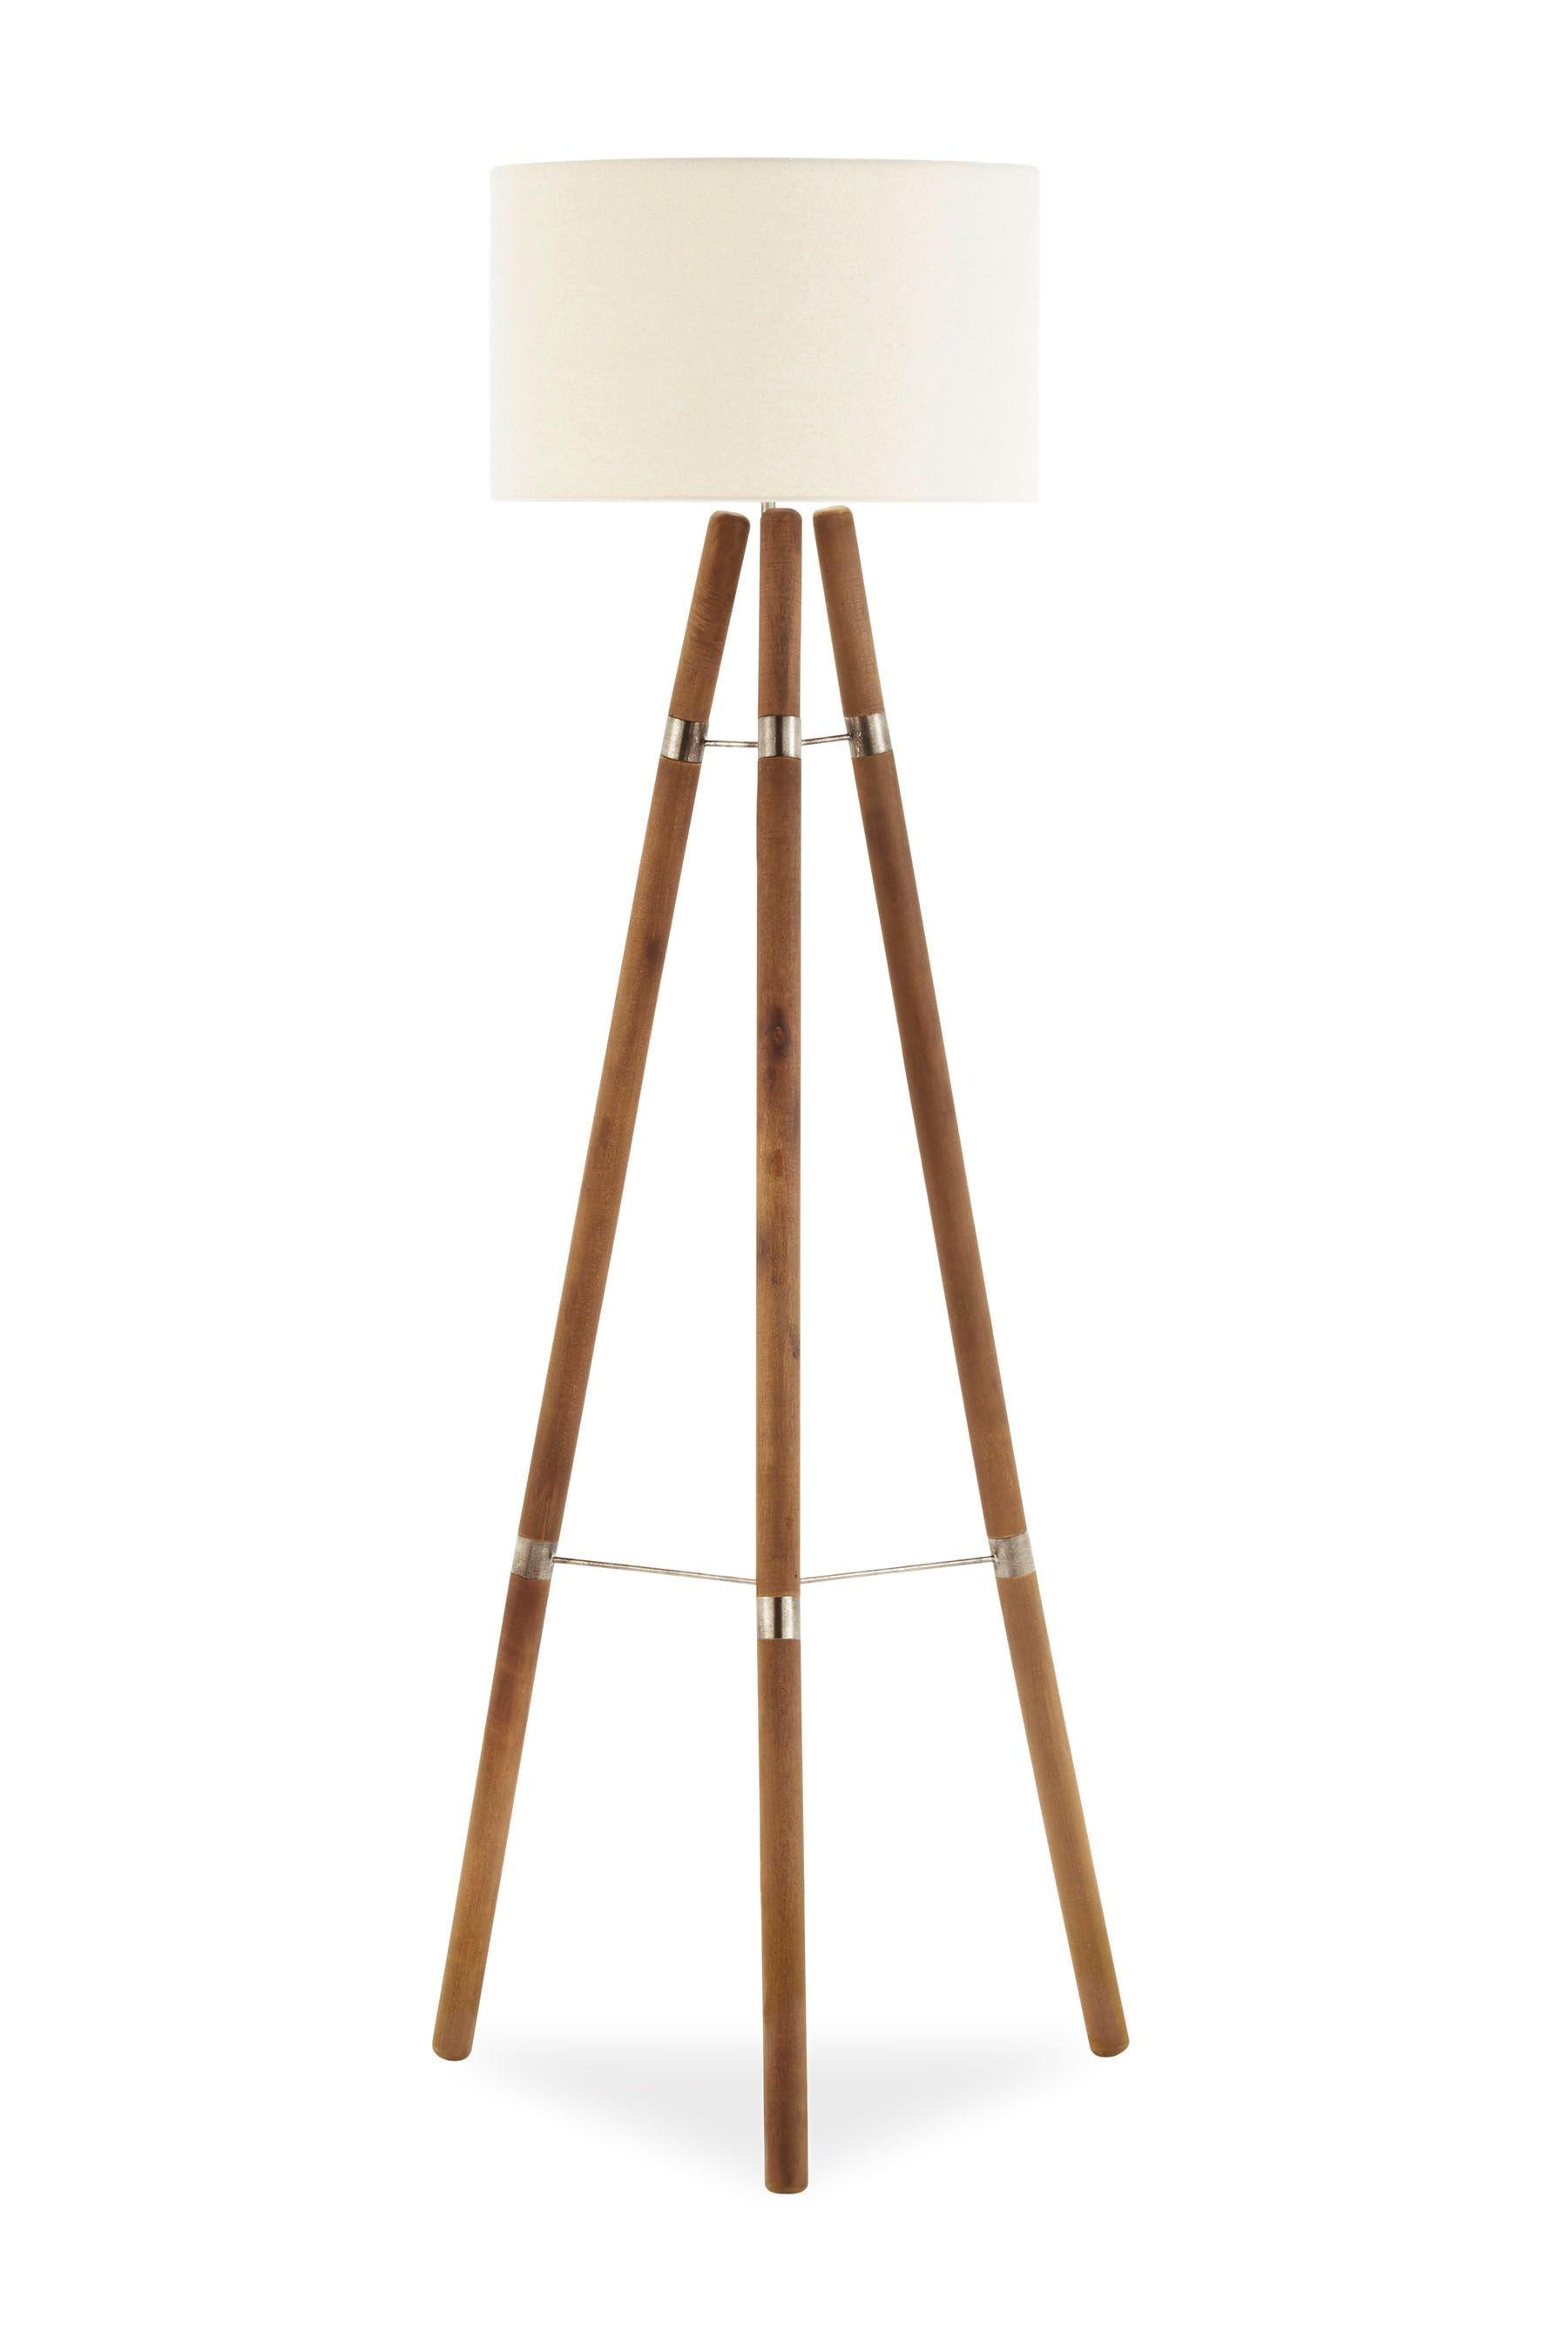 Buy Wooden Floor Lamp from the Next UK online shop